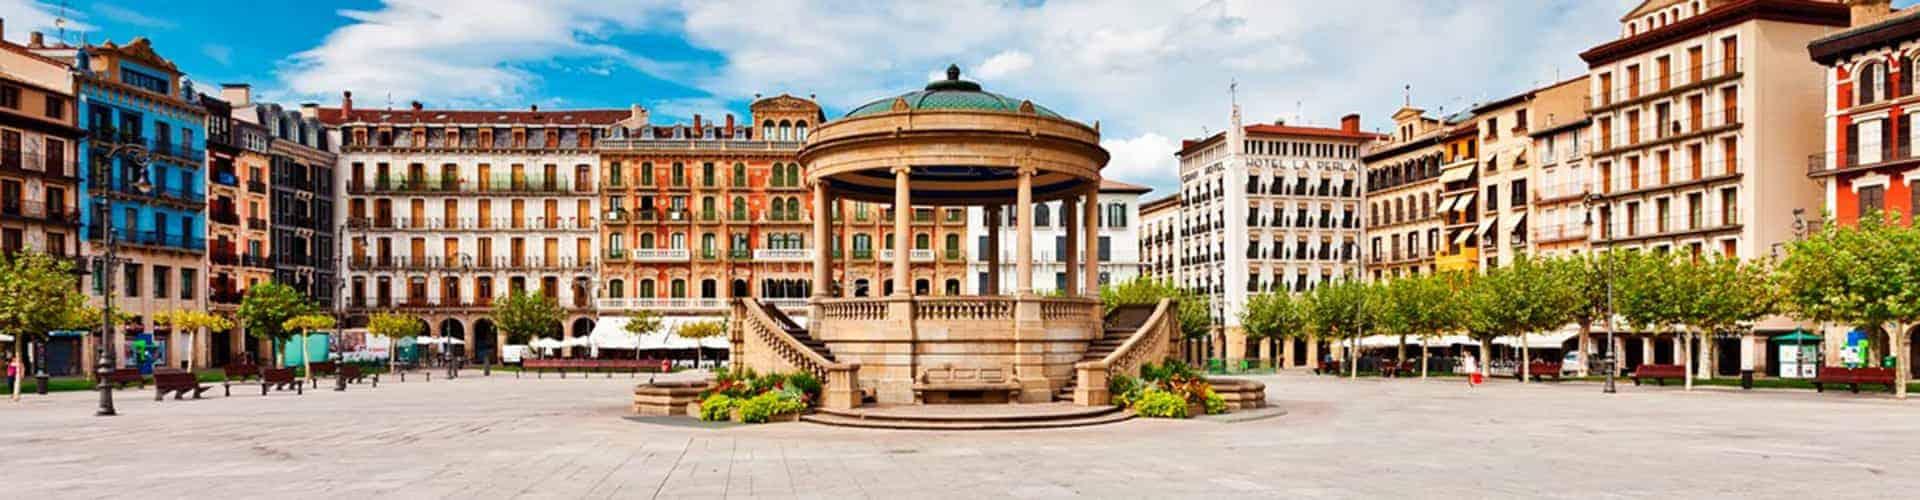 Free Tour Pamplona - Turismo España